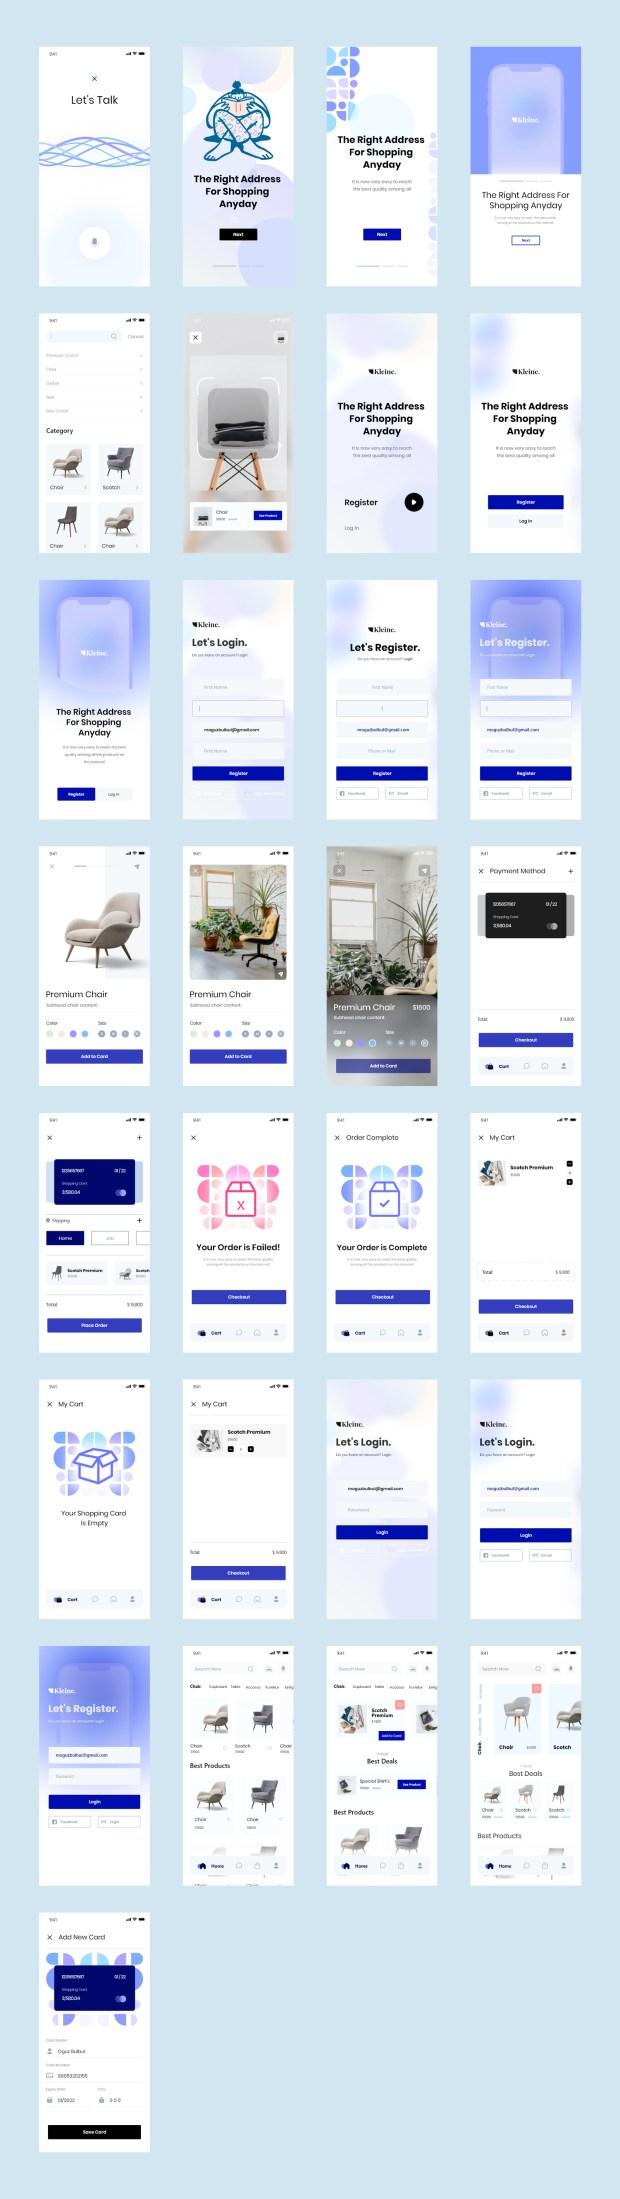 Kleine E-Commerce Free UI Kit for Adobe XD